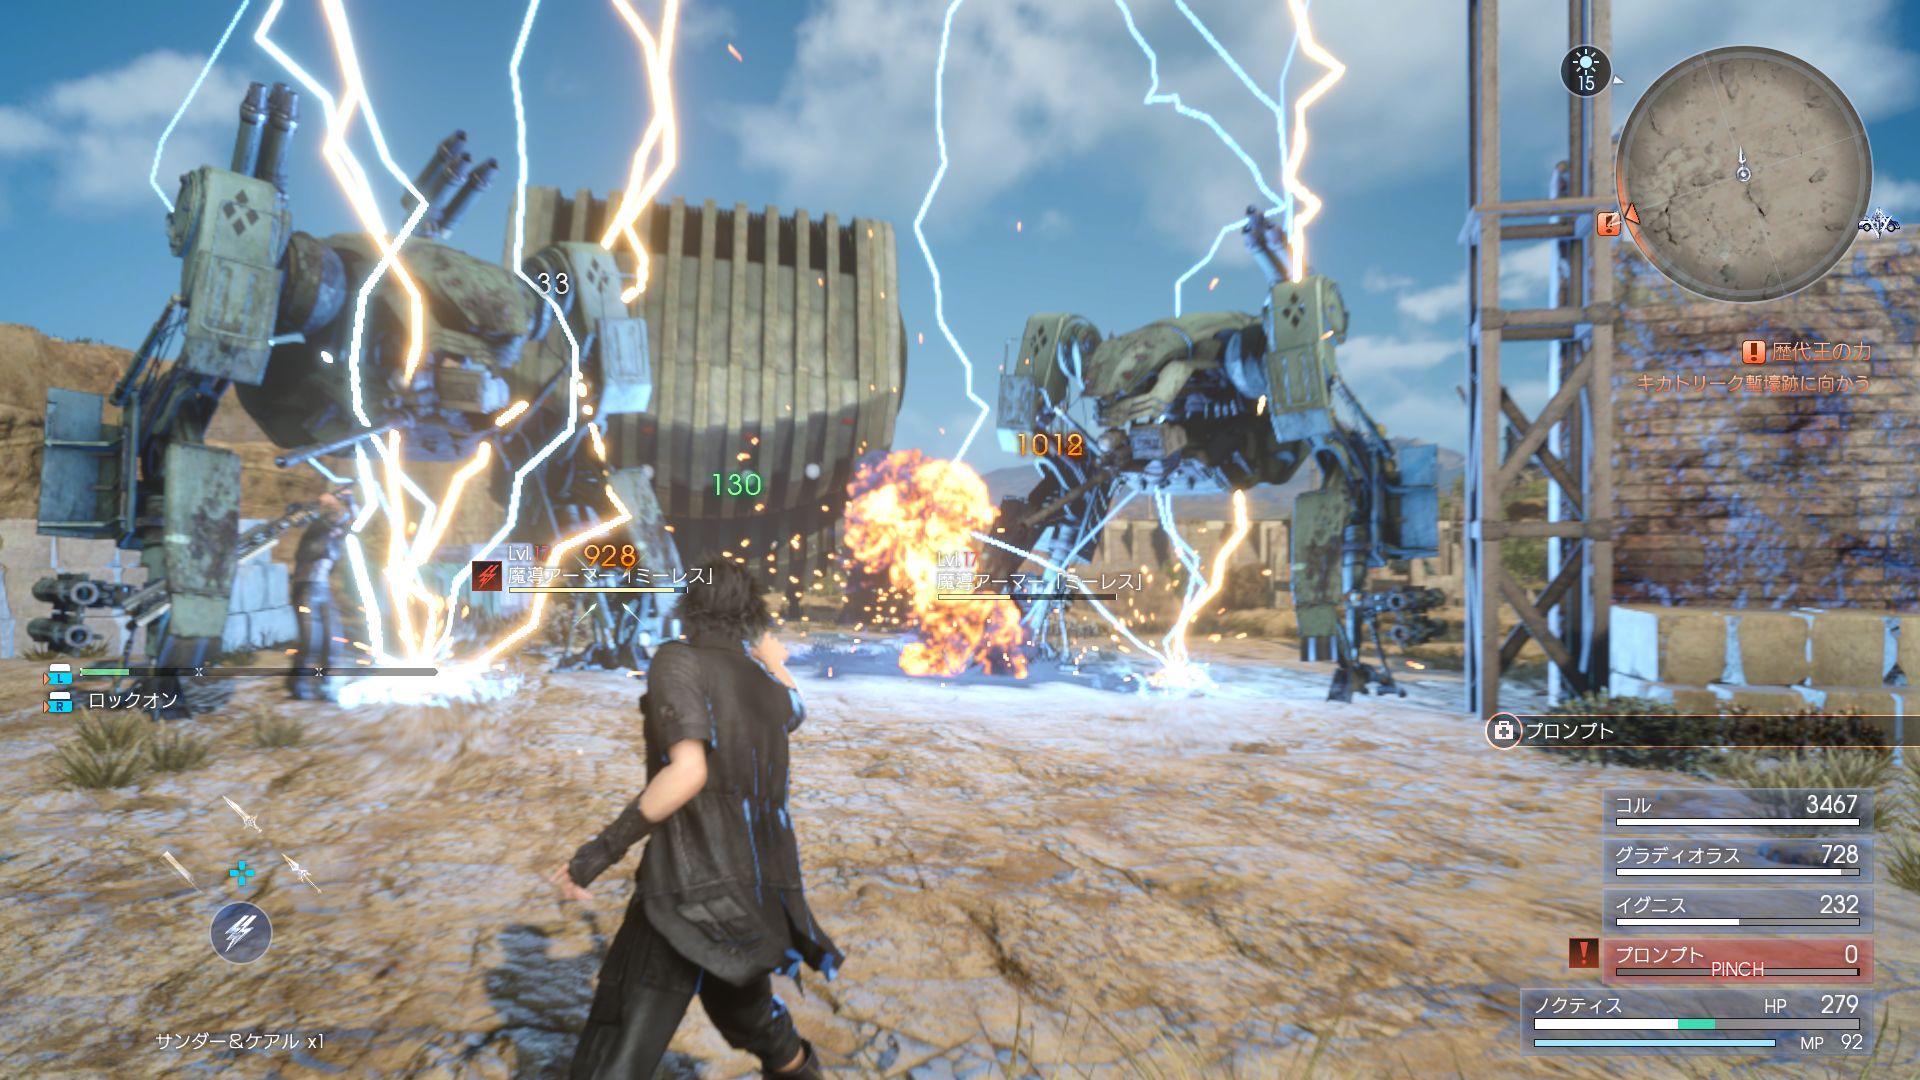 Magie, kouzelné prsteny a démoni ve Final Fantasy XV 132837